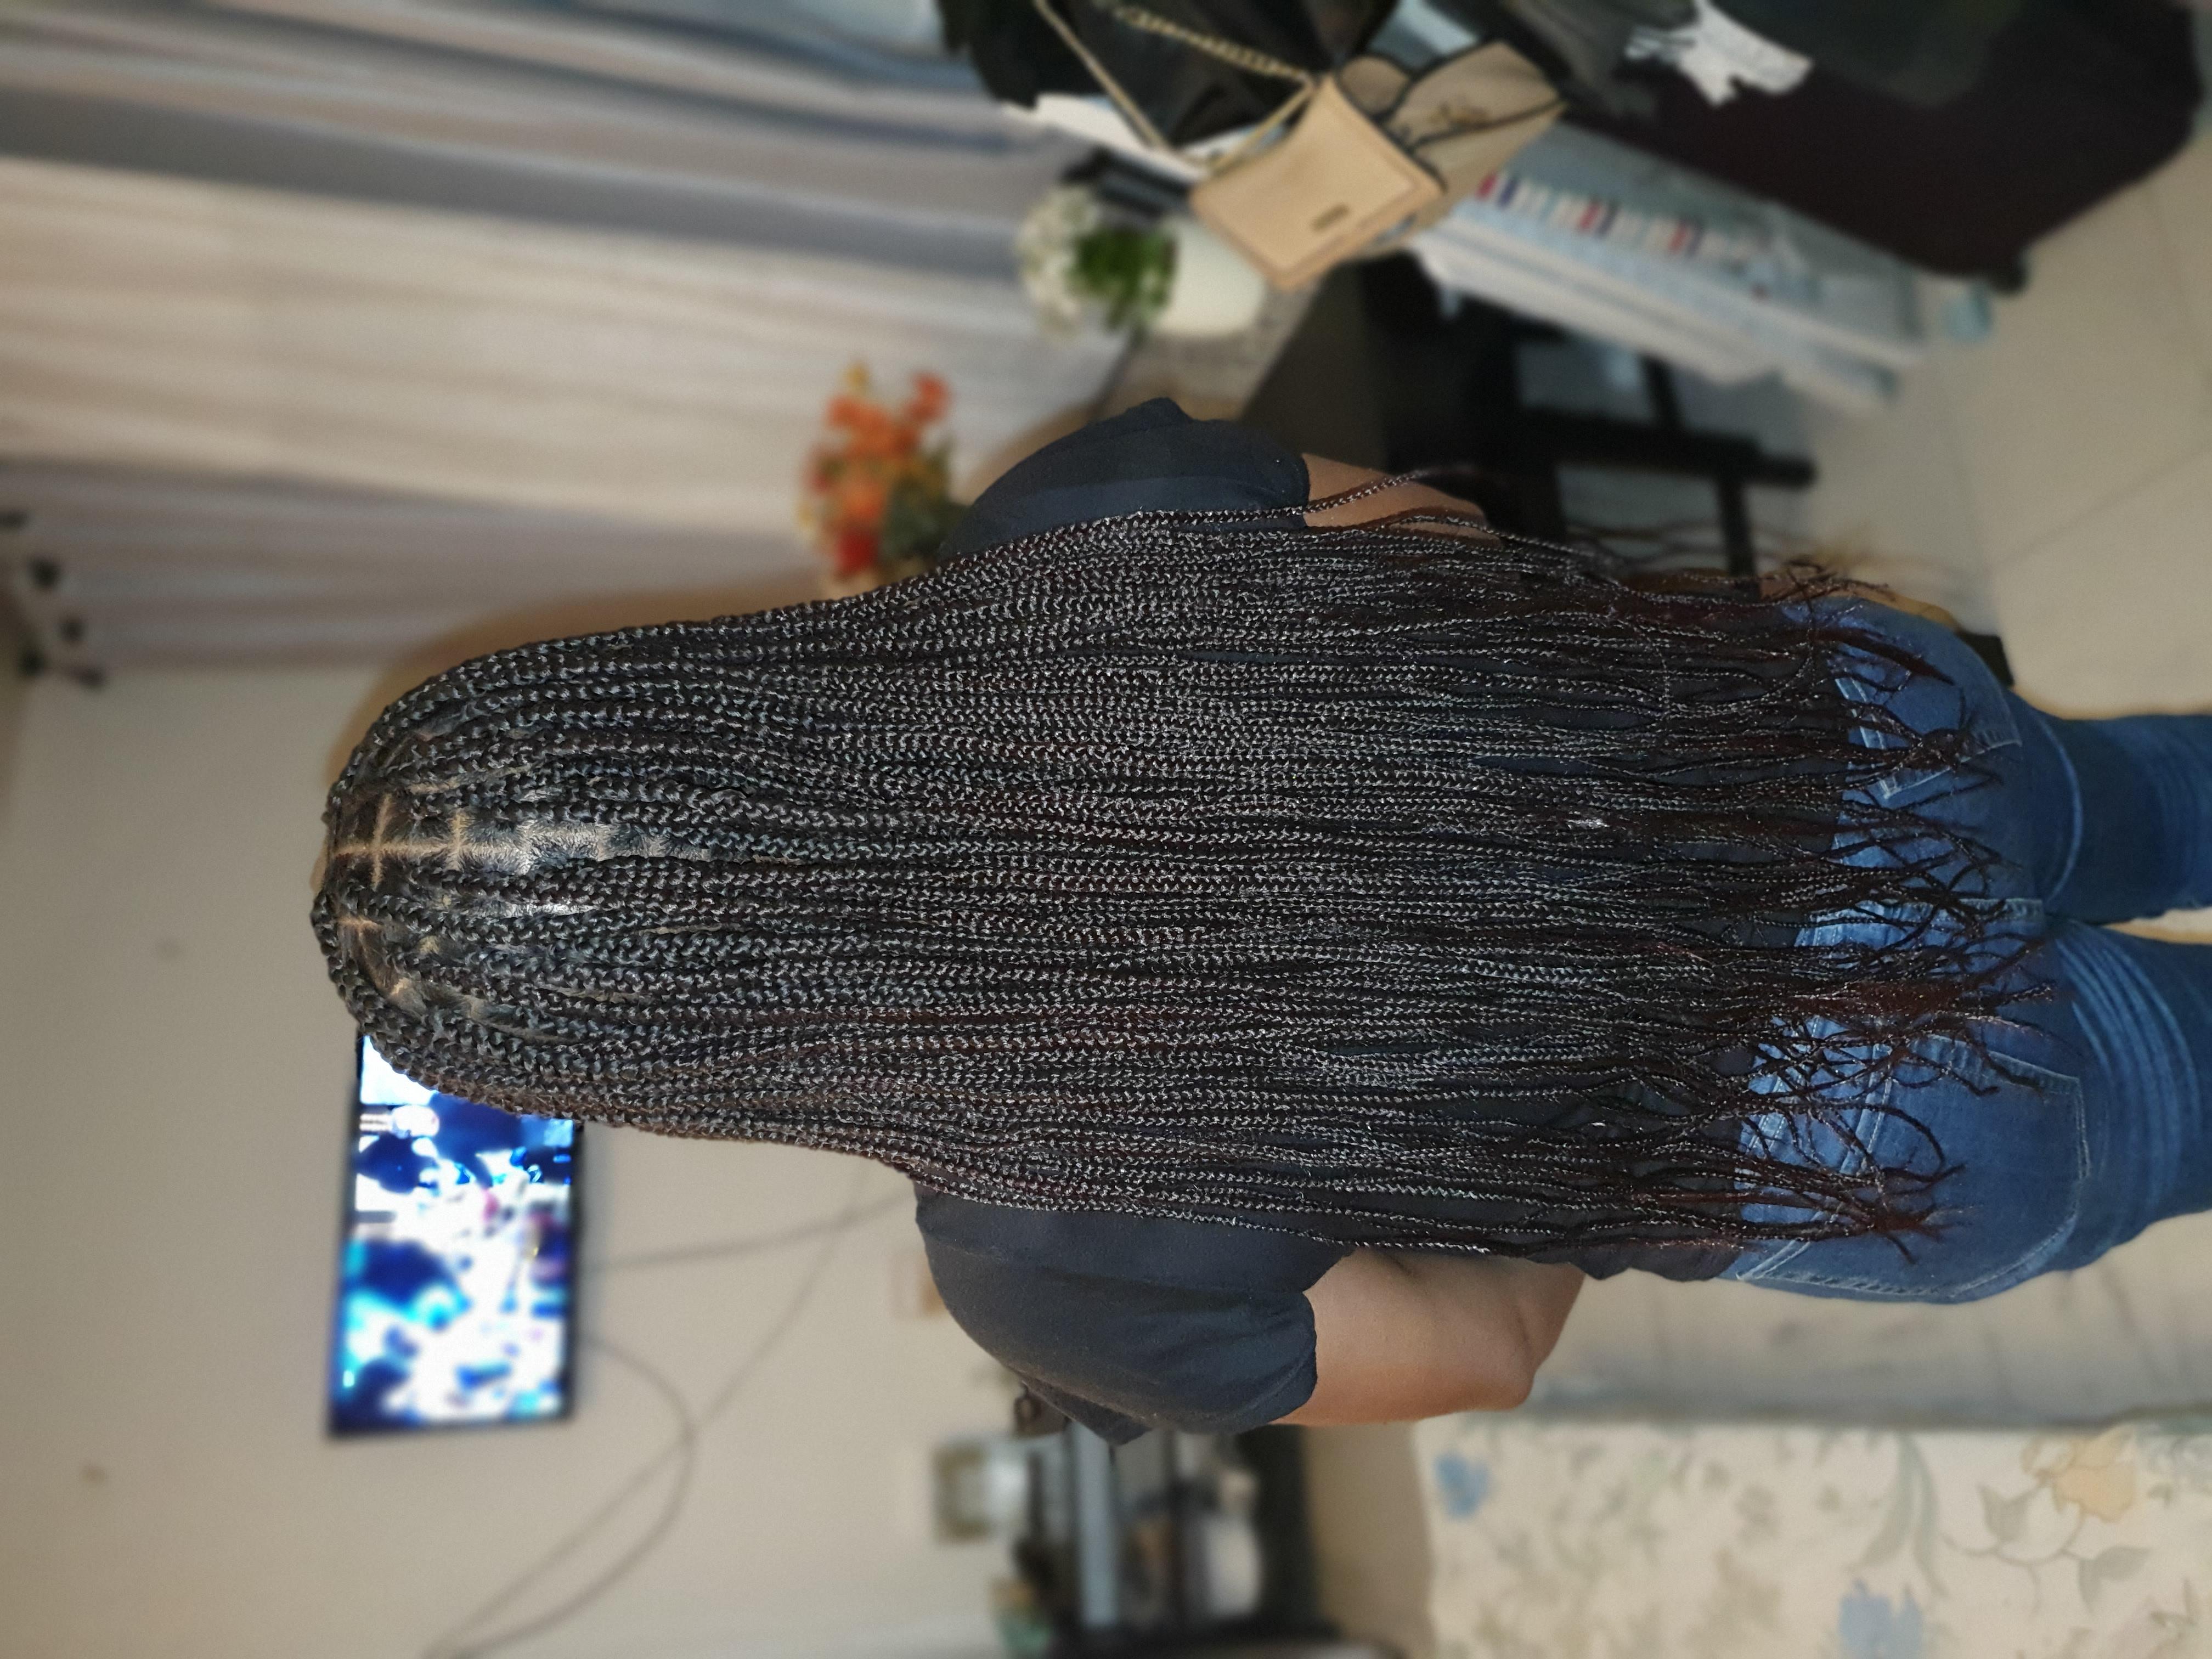 salon de coiffure afro tresse tresses box braids crochet braids vanilles tissages paris 75 77 78 91 92 93 94 95 WMHUKGXH